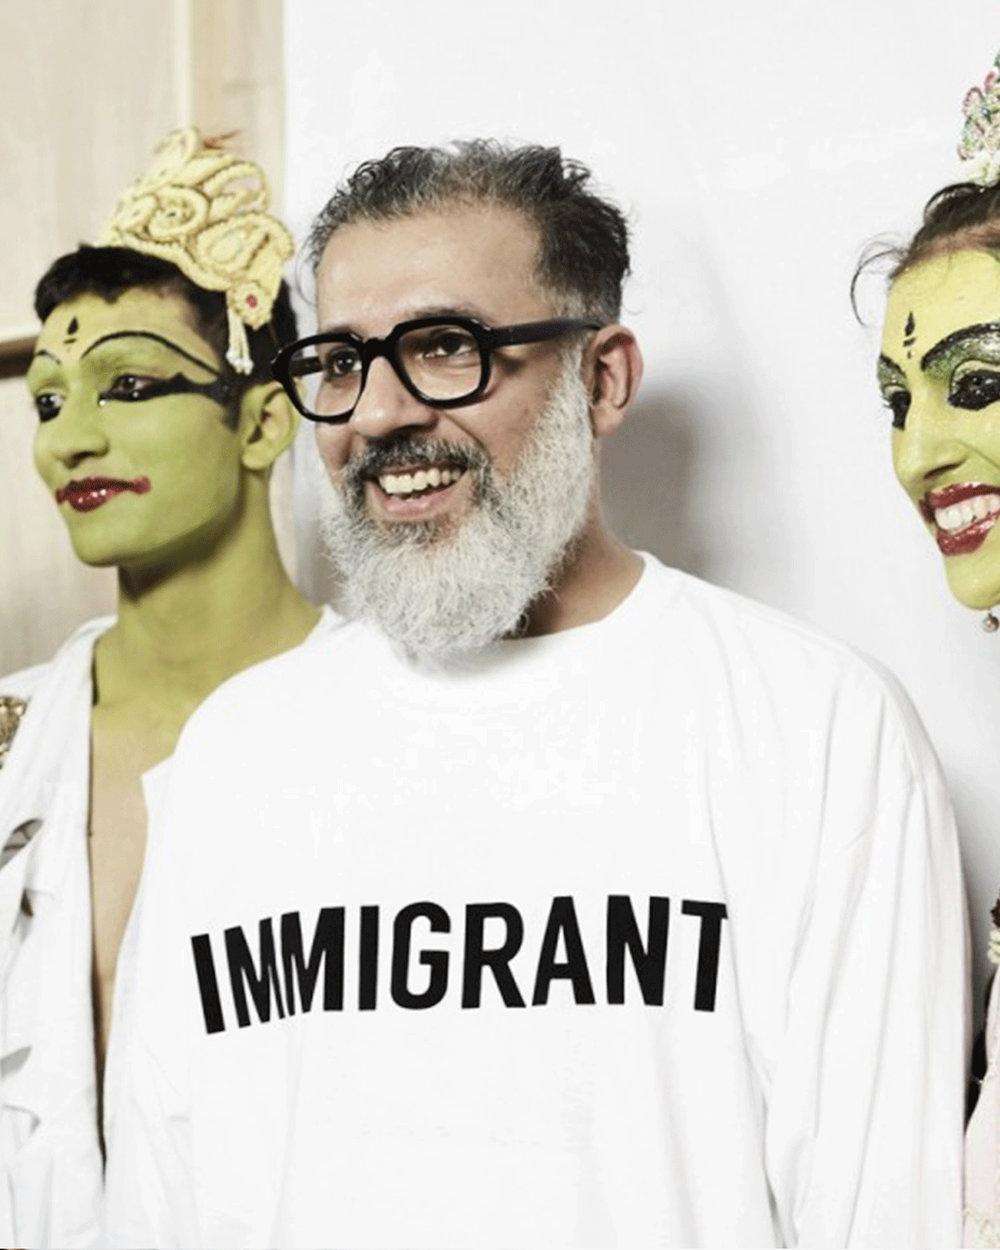 ashish-immigrant-tshirt.jpg